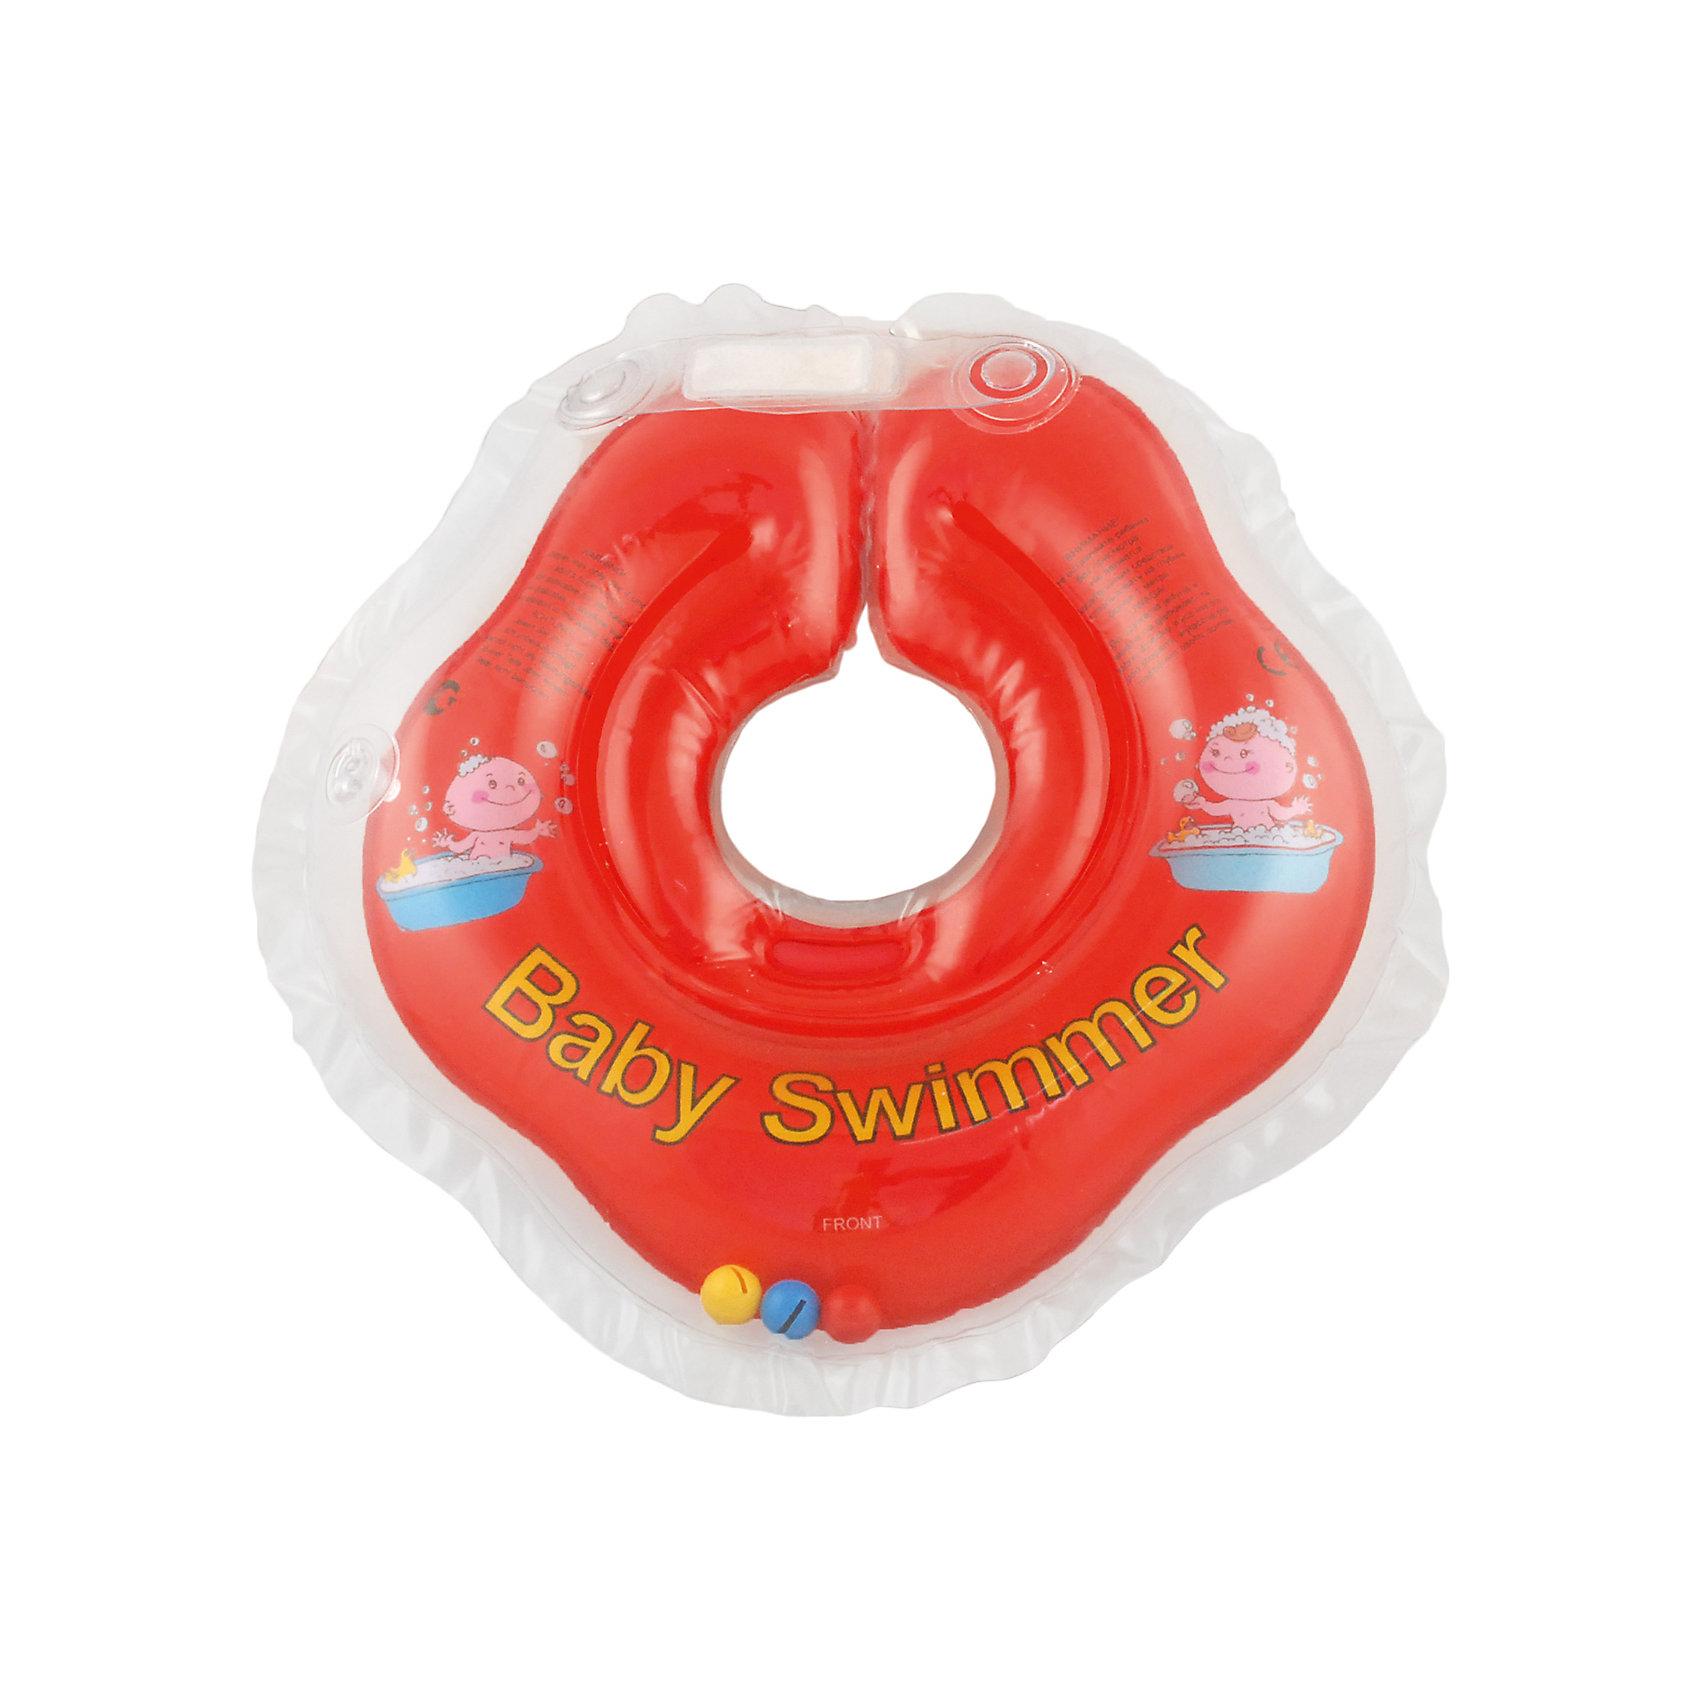 Круг для купания с погремушкой внутриBabySwimmer, красныйКруги для купания малыша<br>Круг для купания Baby Swimmer с погремушкой – улучшенная вариация классической одноименной модели. Отличительная особенность – погремушка внутри круга. Устройство обеспечит безопасность купания малыша, избавит  от страха воды и сделает водные процедуры веселой игрой. У круга есть устройство, поддерживающее подбородок, что позволит избежать проглатывание воды малышом. У круга яркие цвета, необычный дизайн и веселые картинки по бокам, которые понравится всем детям. Все материалы, использованные при разработке и изготовлении круга для купания безопасны для использования, отвечают всем требованиям экологичности и качества детских товаров, а так же гипоаллергенны.<br><br>Дополнительная информация:<br><br>модель: Baby Swimmer;<br>цвет: красный.<br><br>Круг для купания с погремушкой внутри Baby Swimmer можно приобрести в нашем магазине.<br><br>Ширина мм: 150<br>Глубина мм: 40<br>Высота мм: 150<br>Вес г: 140<br>Возраст от месяцев: 0<br>Возраст до месяцев: 24<br>Пол: Унисекс<br>Возраст: Детский<br>SKU: 4968099